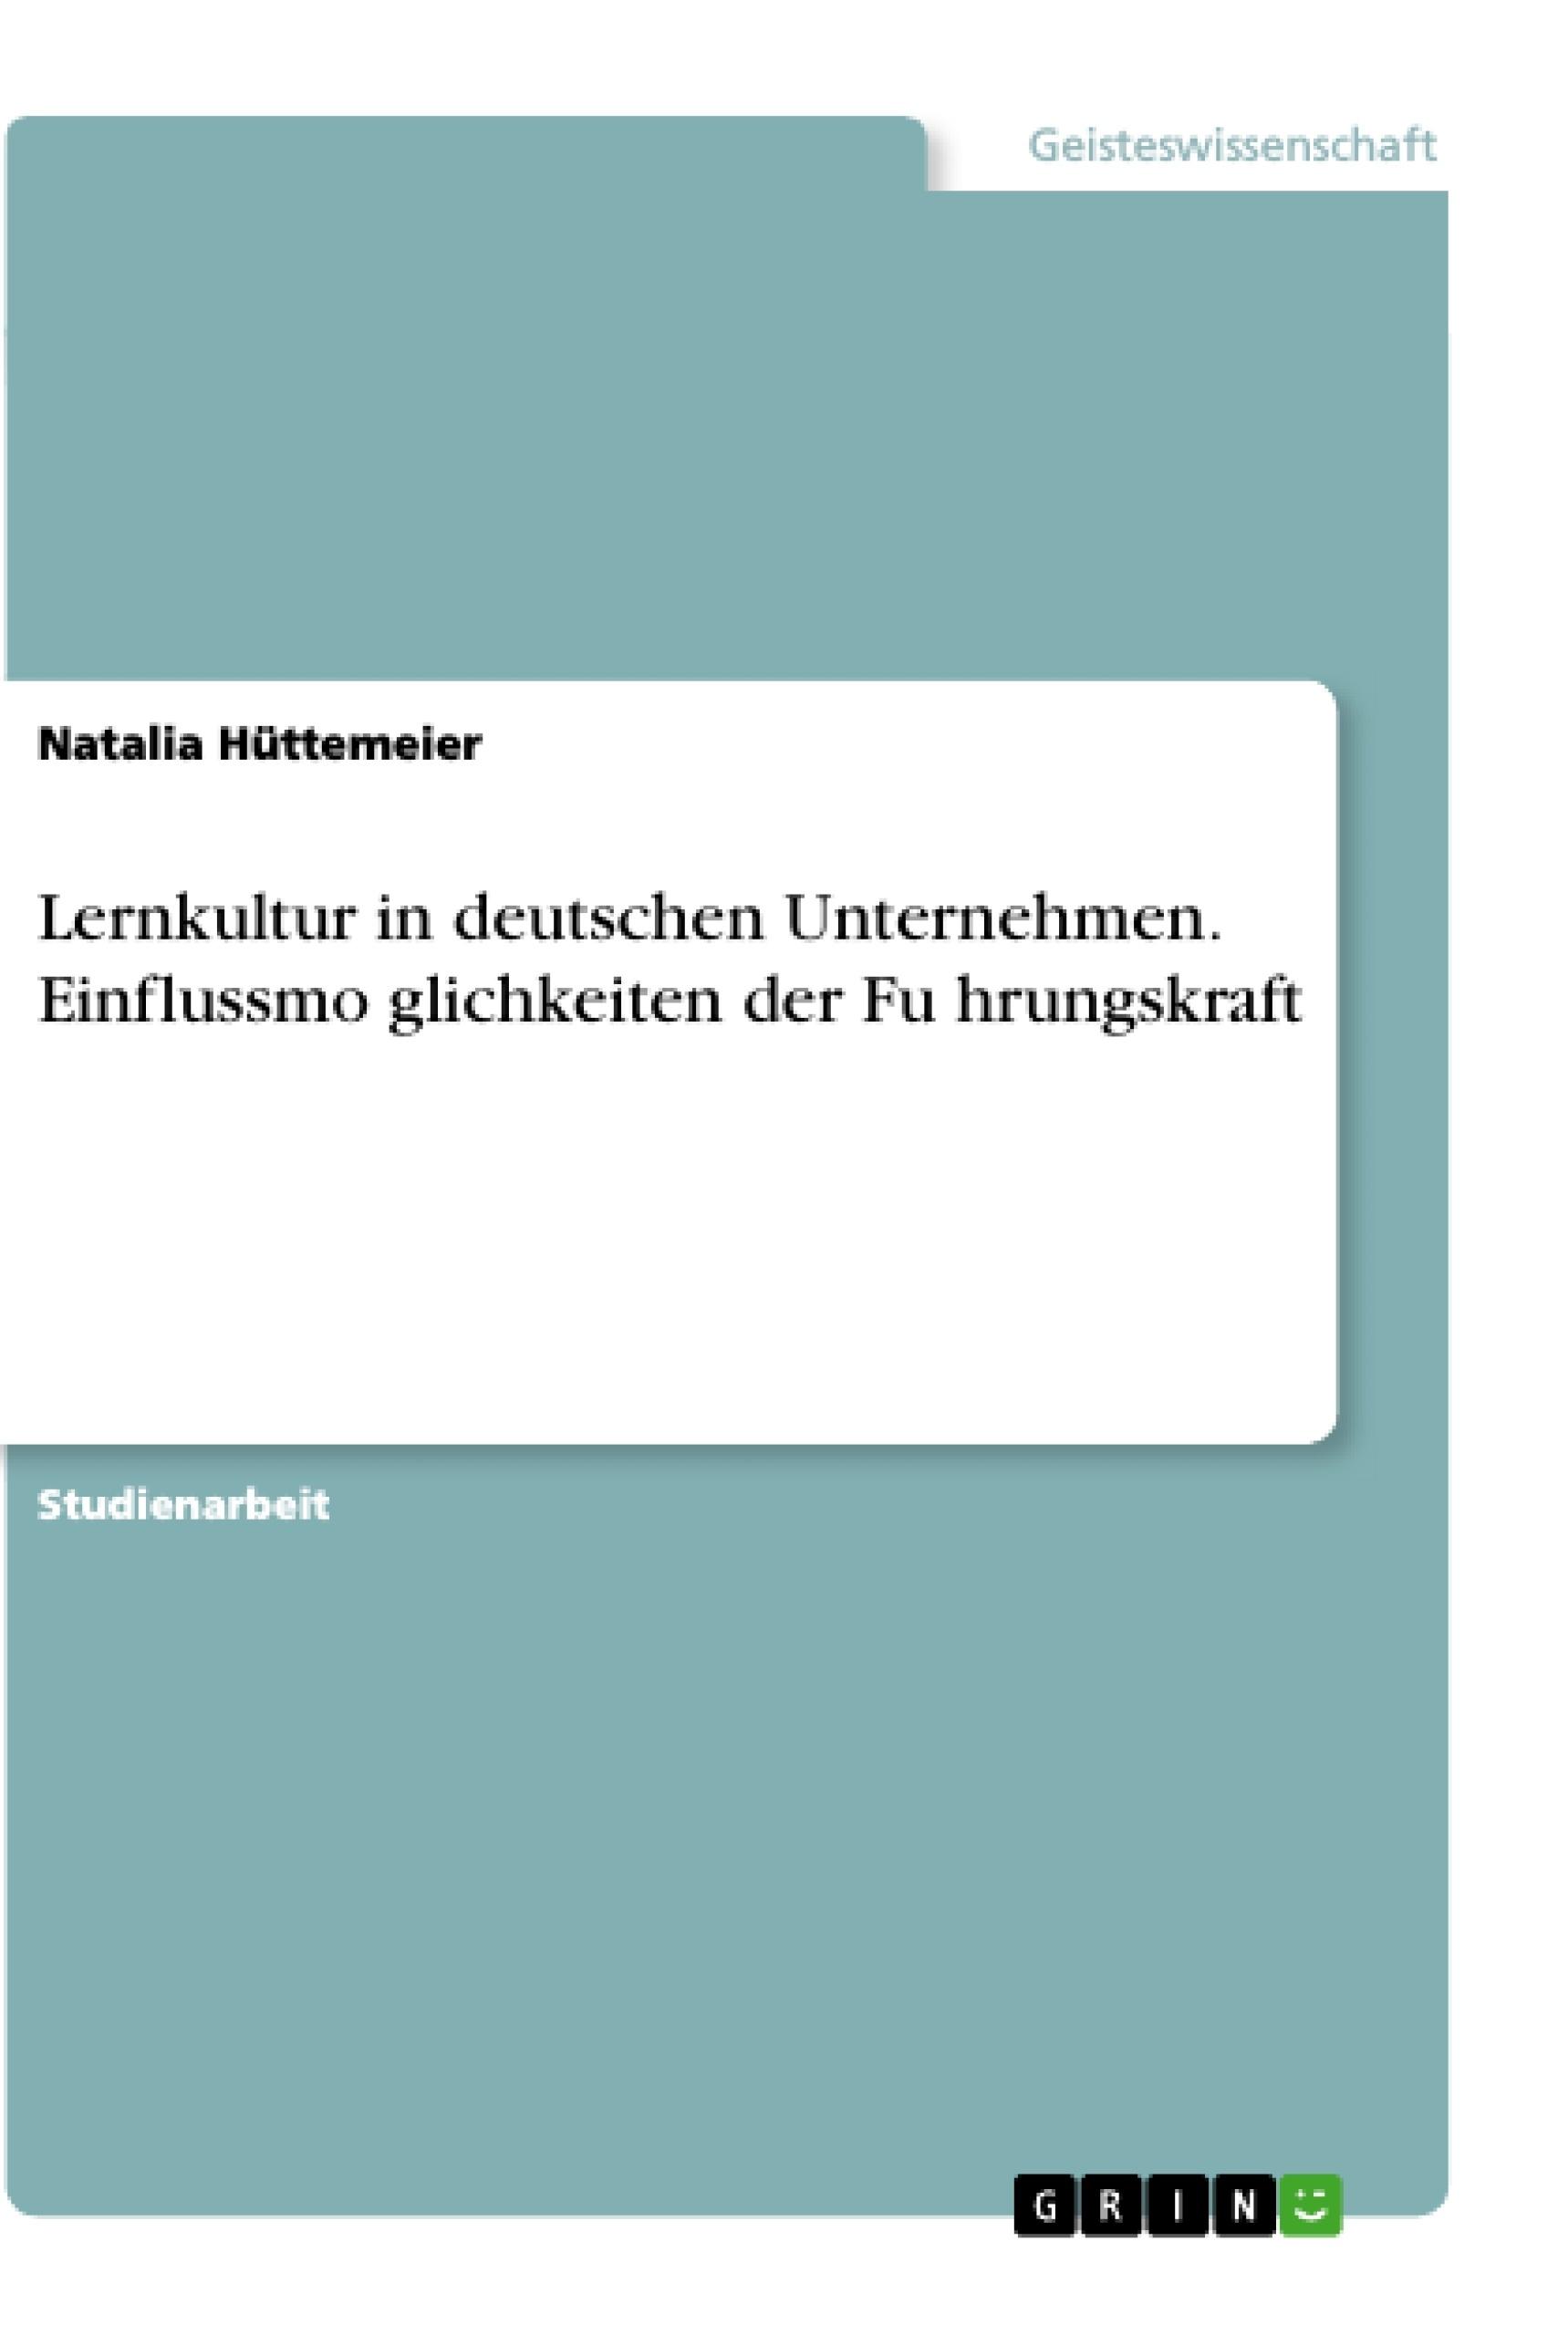 Titel: Lernkultur in deutschen Unternehmen. Einflussmöglichkeiten der Führungskraft